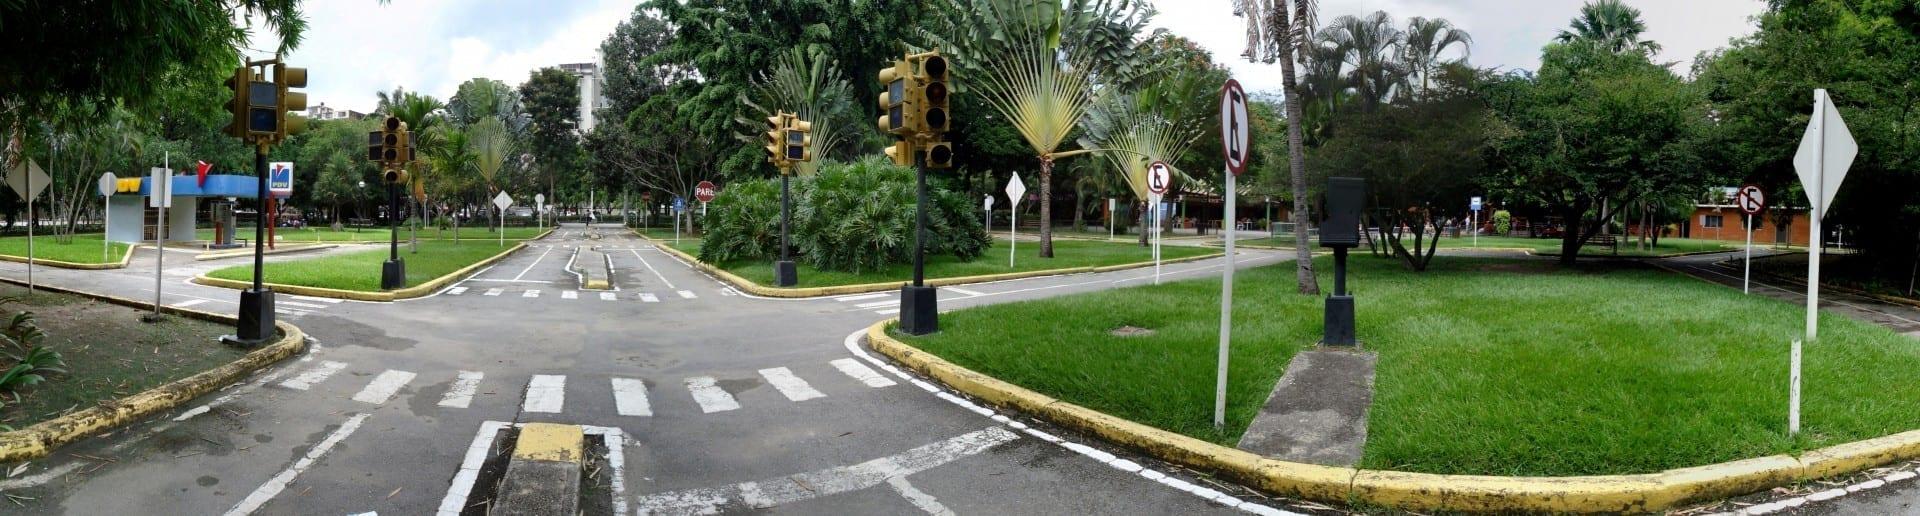 El parque Black Hippolyta Valencia Venezuela